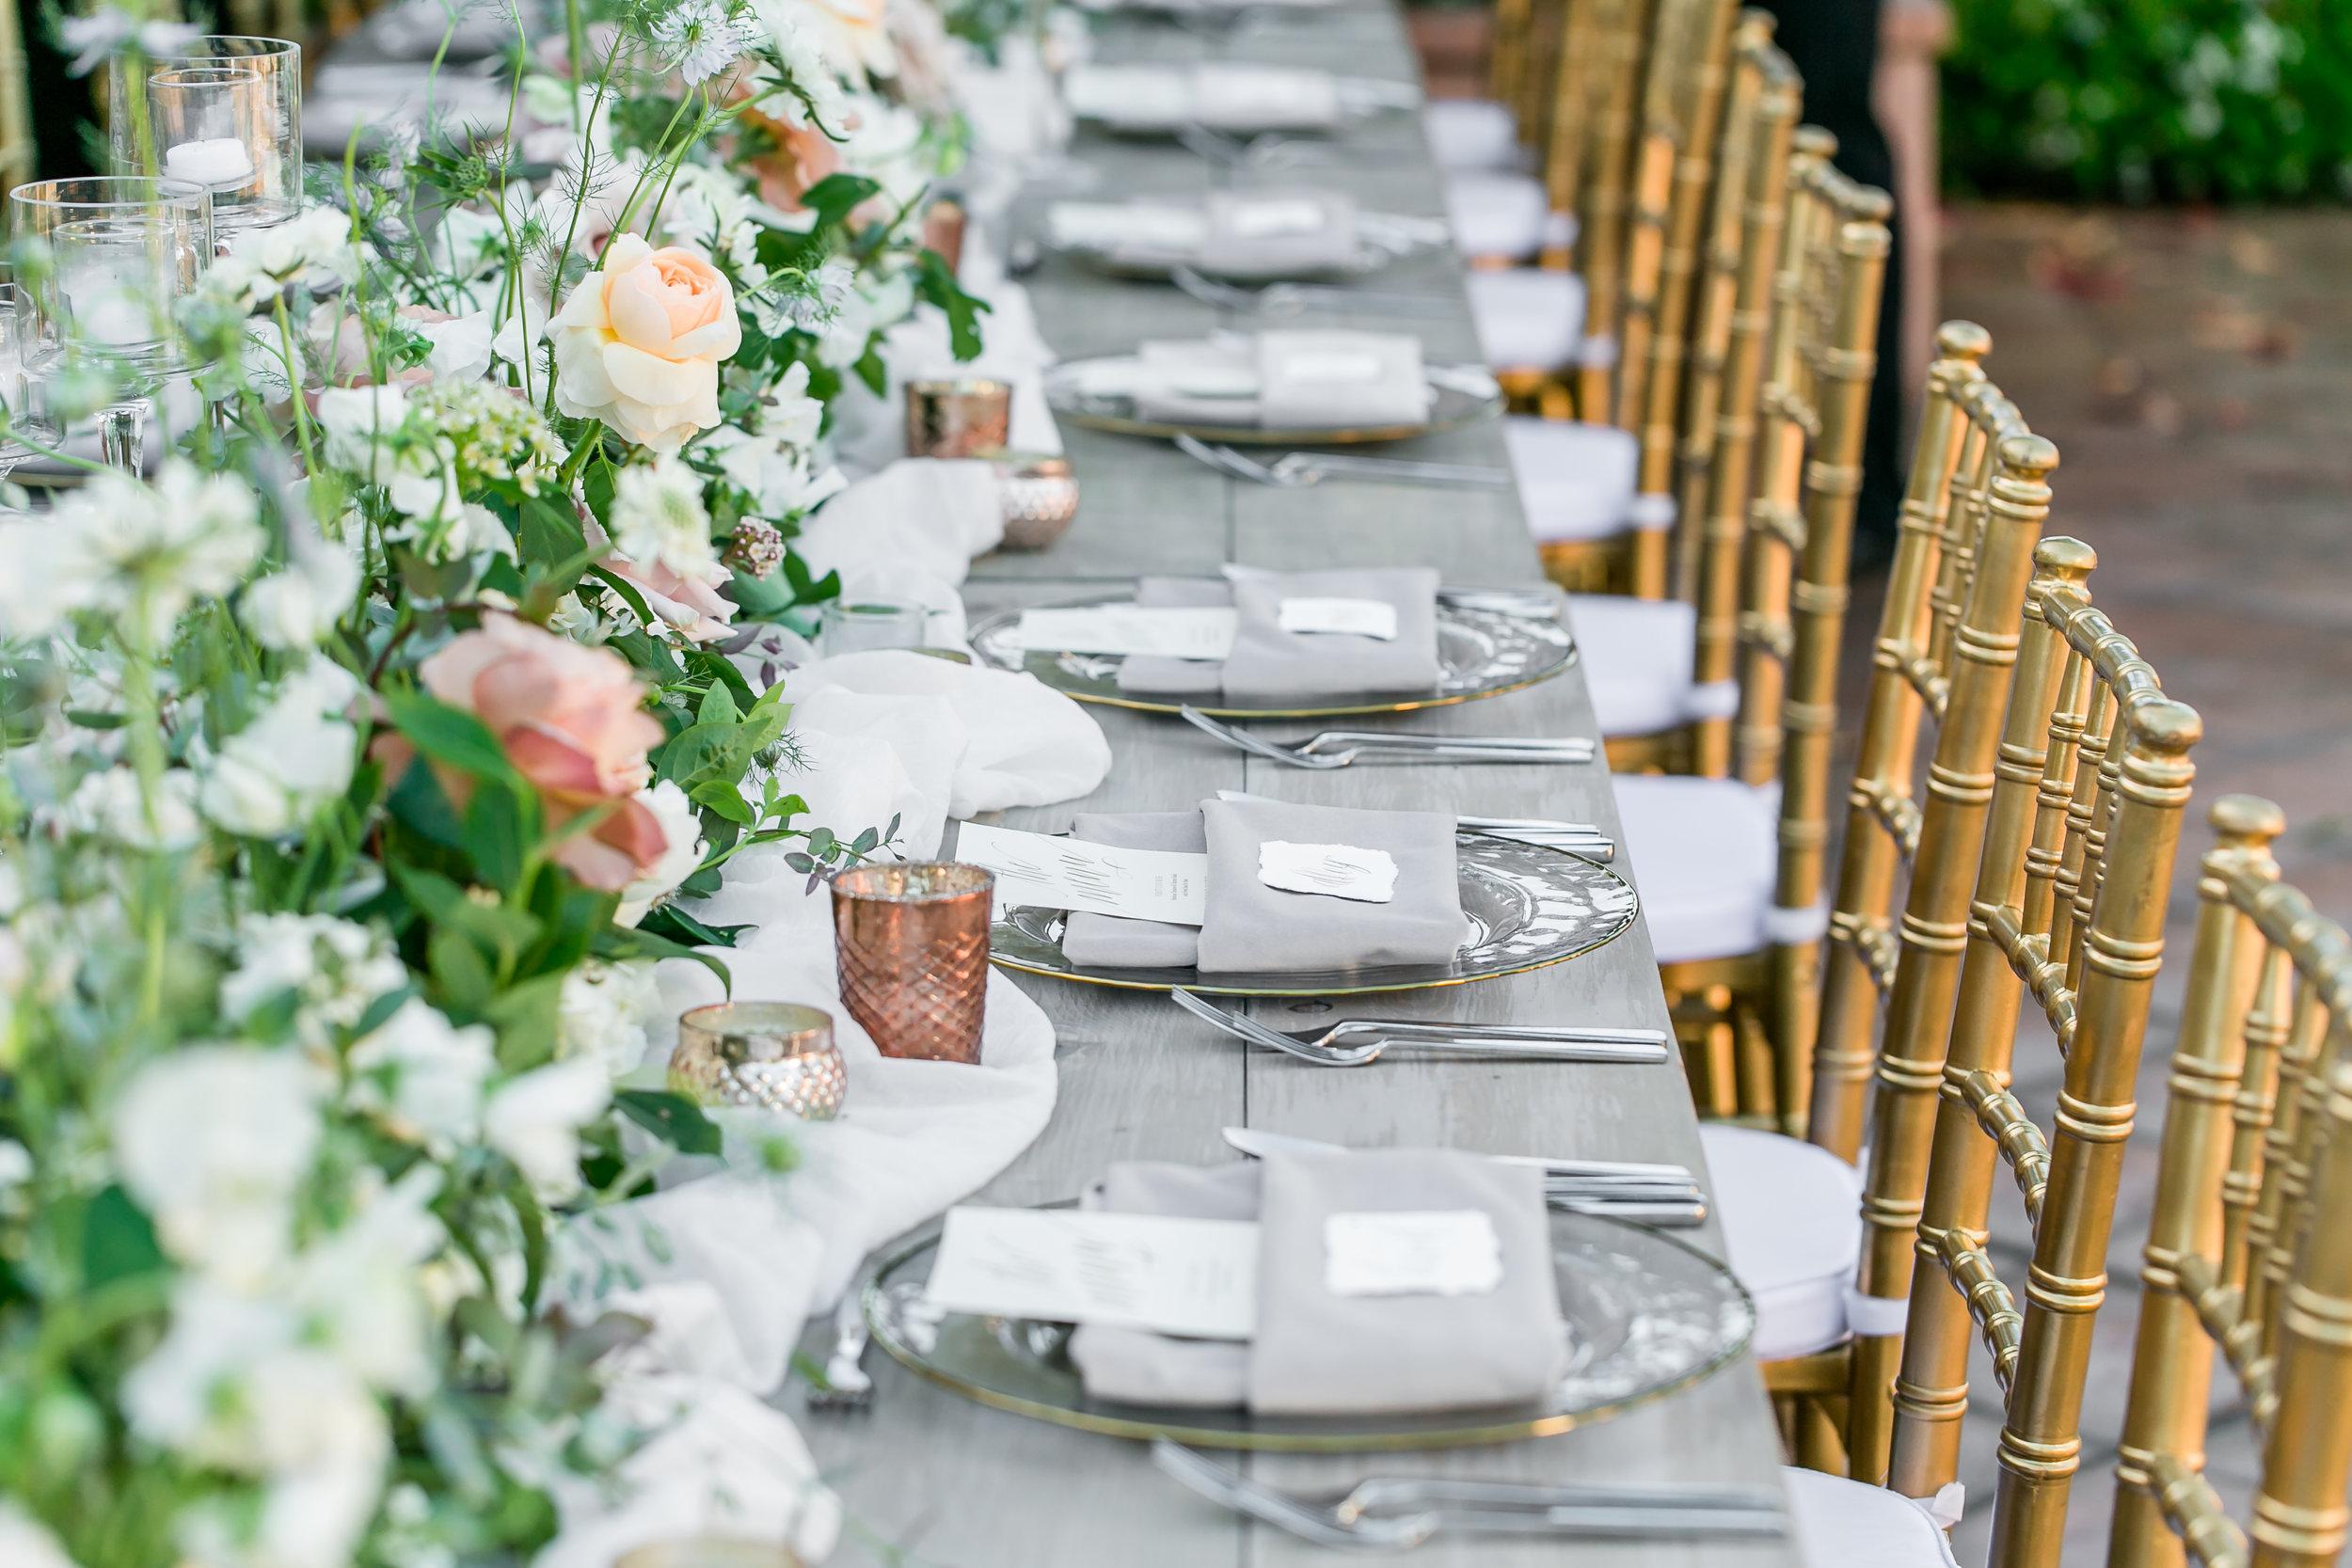 Julie_Ferneau-blooms-rancho-valencia-ribeau-wedding-rancho-santa-fe-luxury-garden-wedding-17.jpg